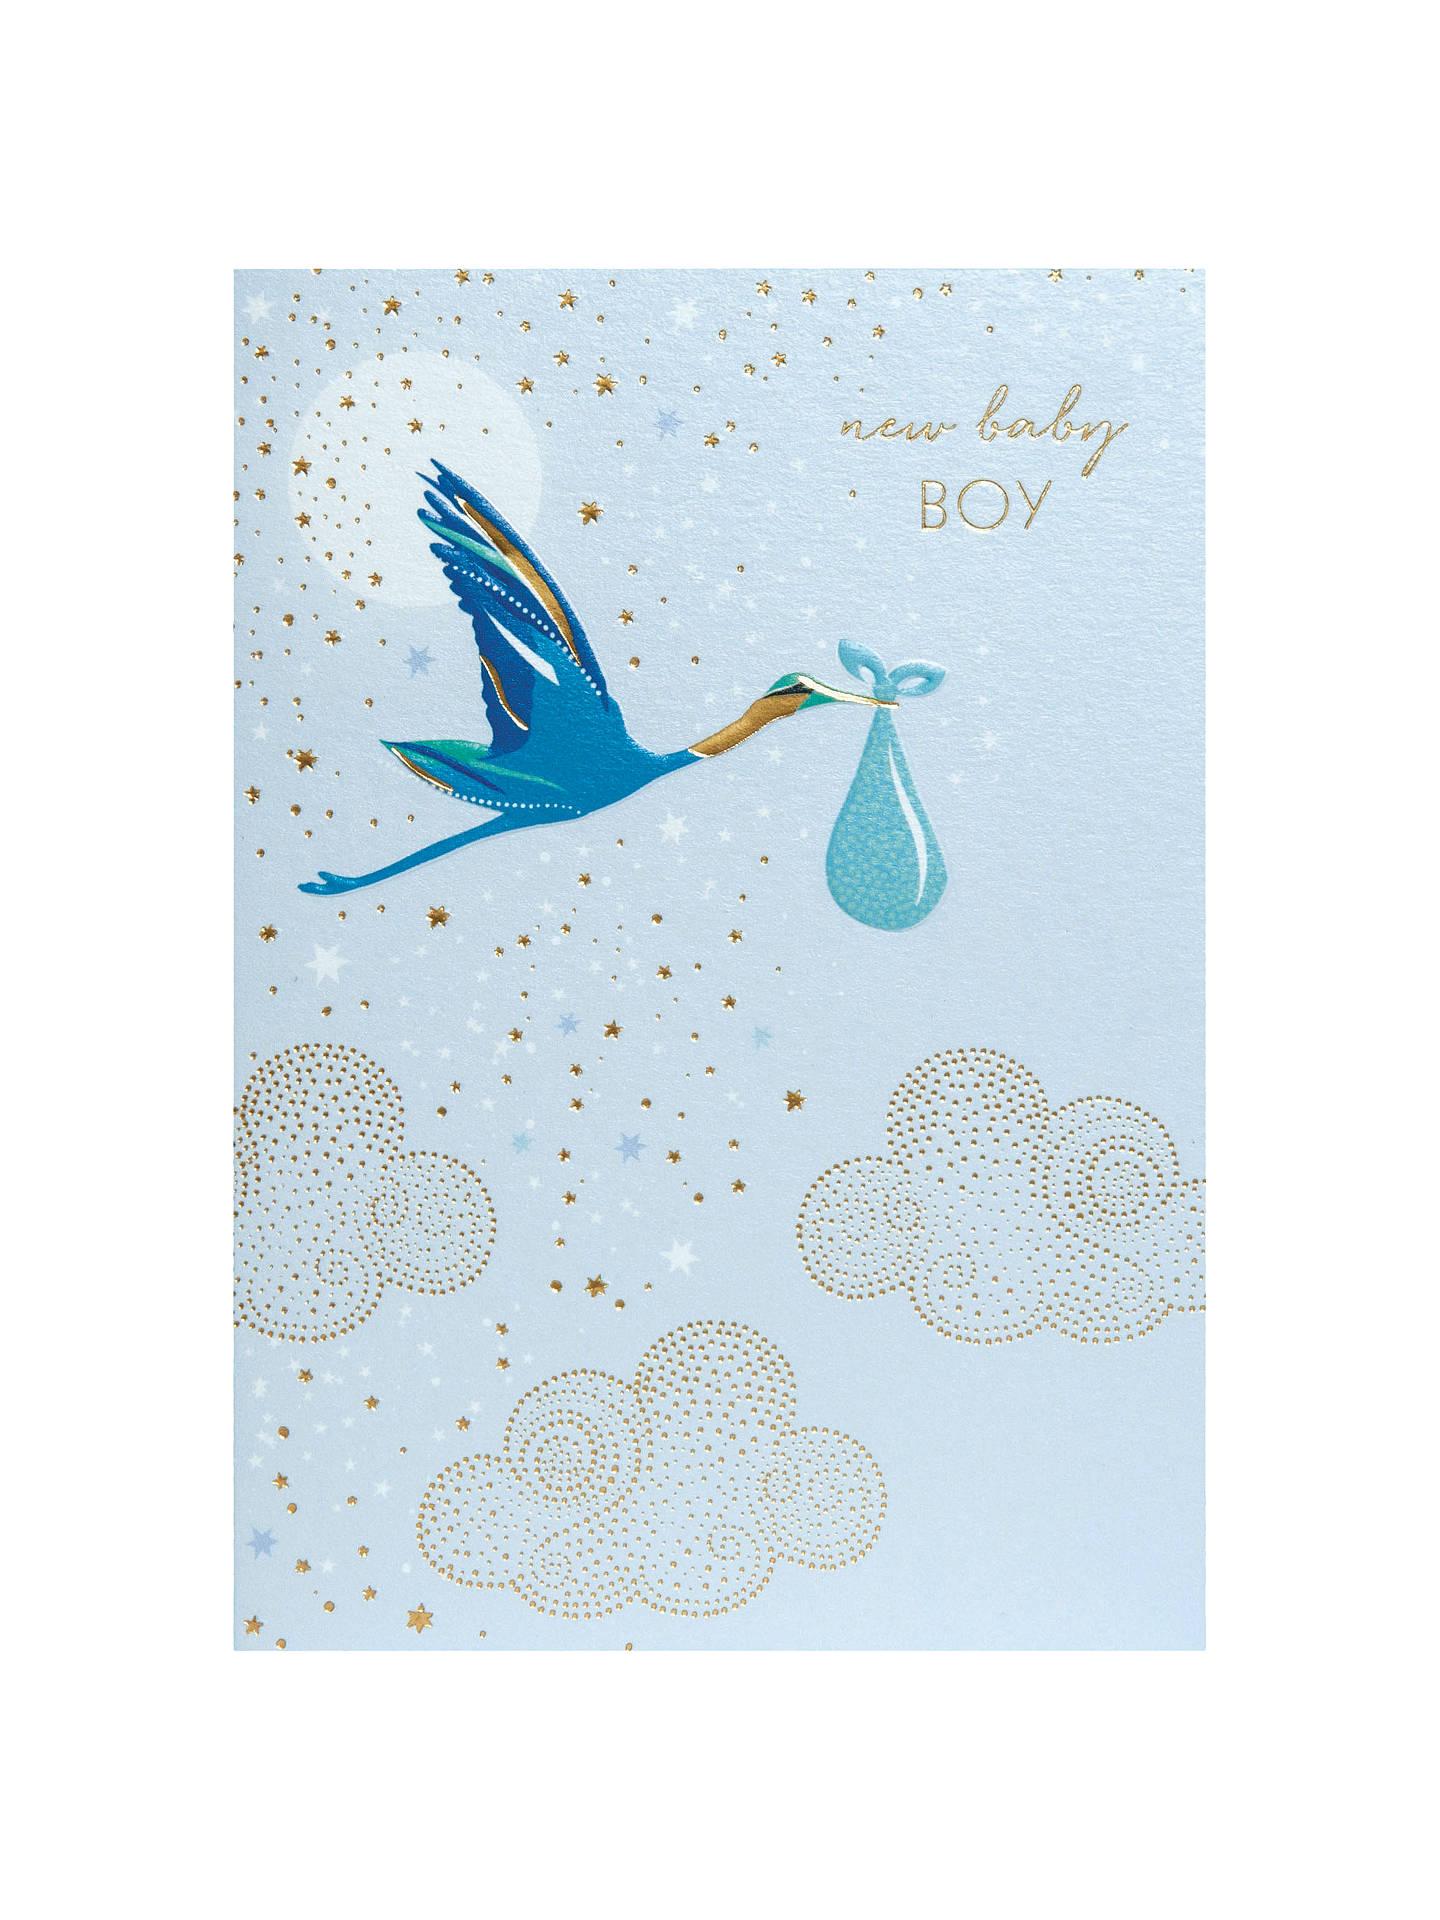 Sara Miller New Baby Boy Stork Greeting Card At John Lewis Partners